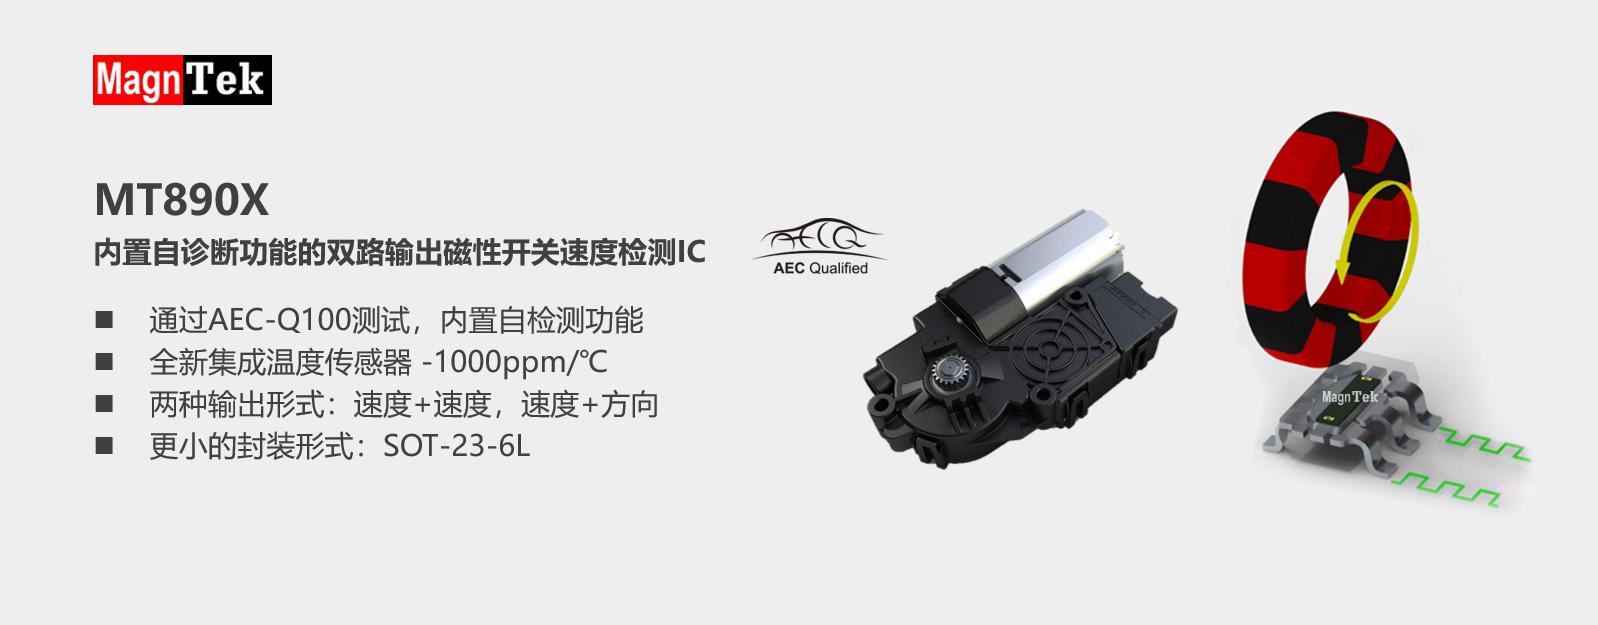 磁性开关速度检测IC MT890X